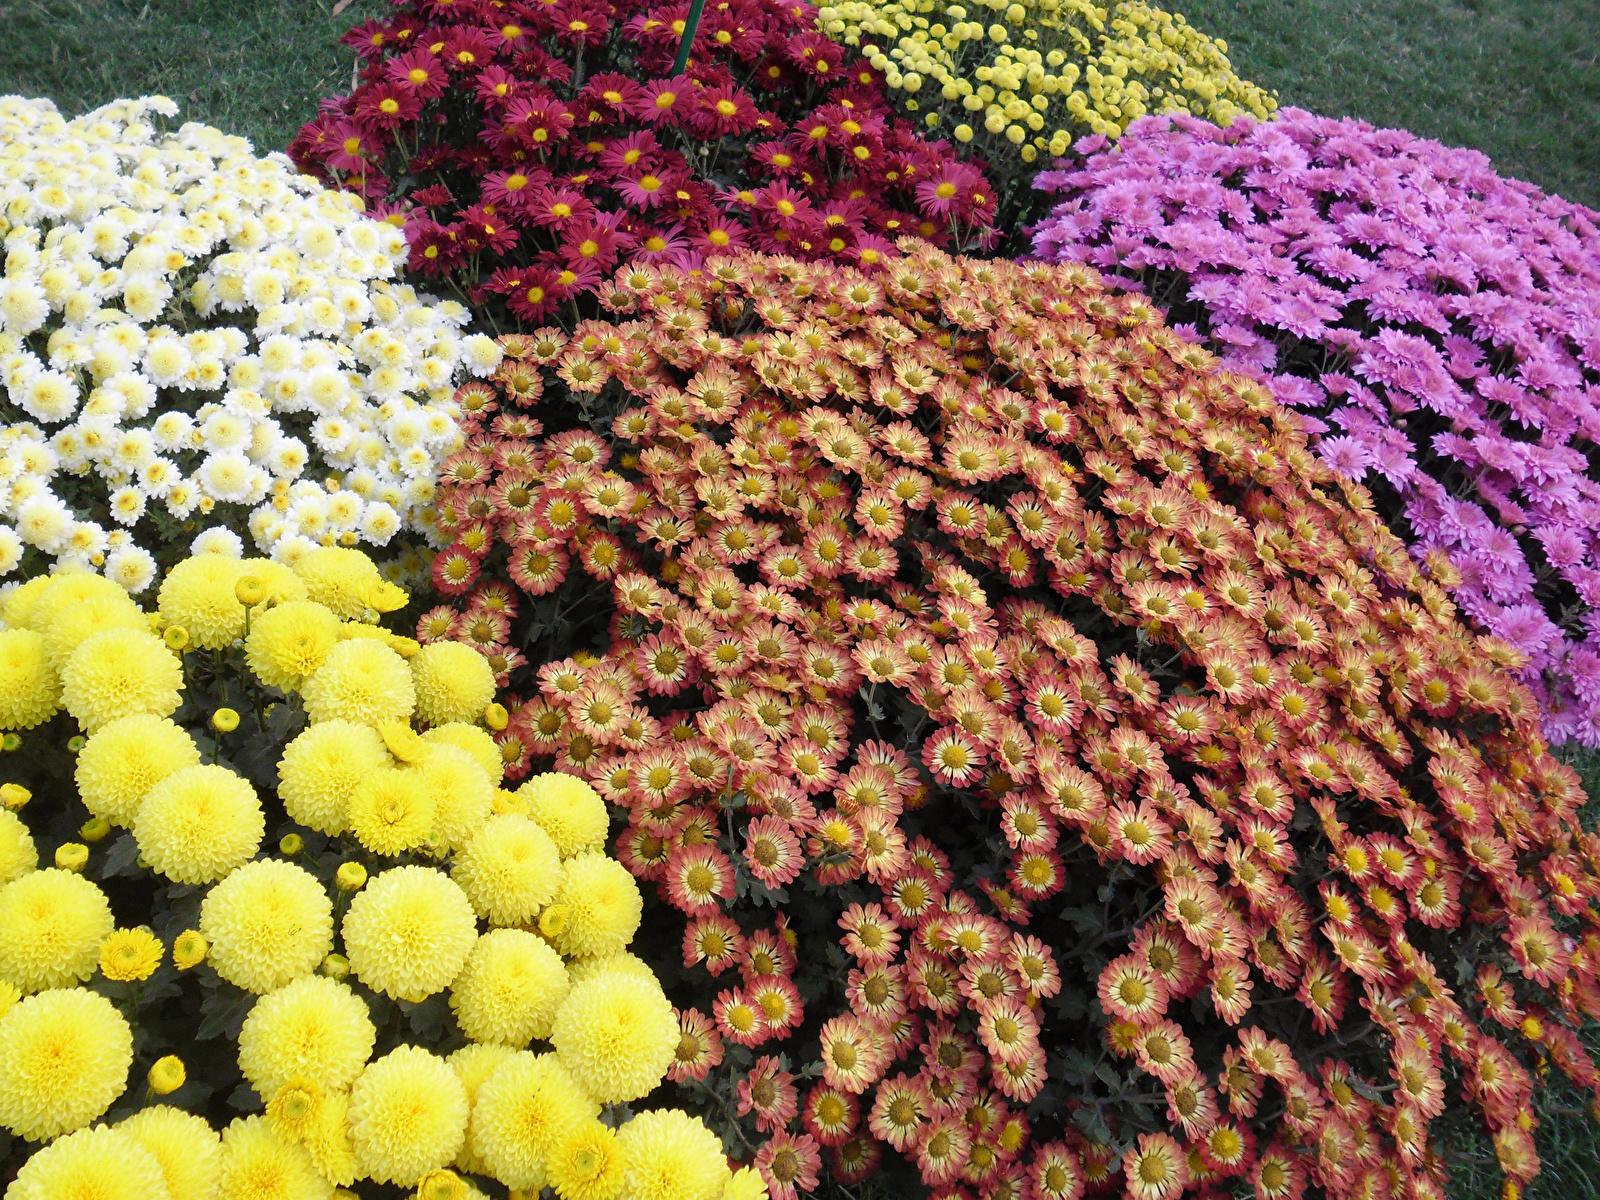 Хризантема мультифлора: описание,выращивание,виды,сорта,размножение,уход,фото,видео. | растюнька